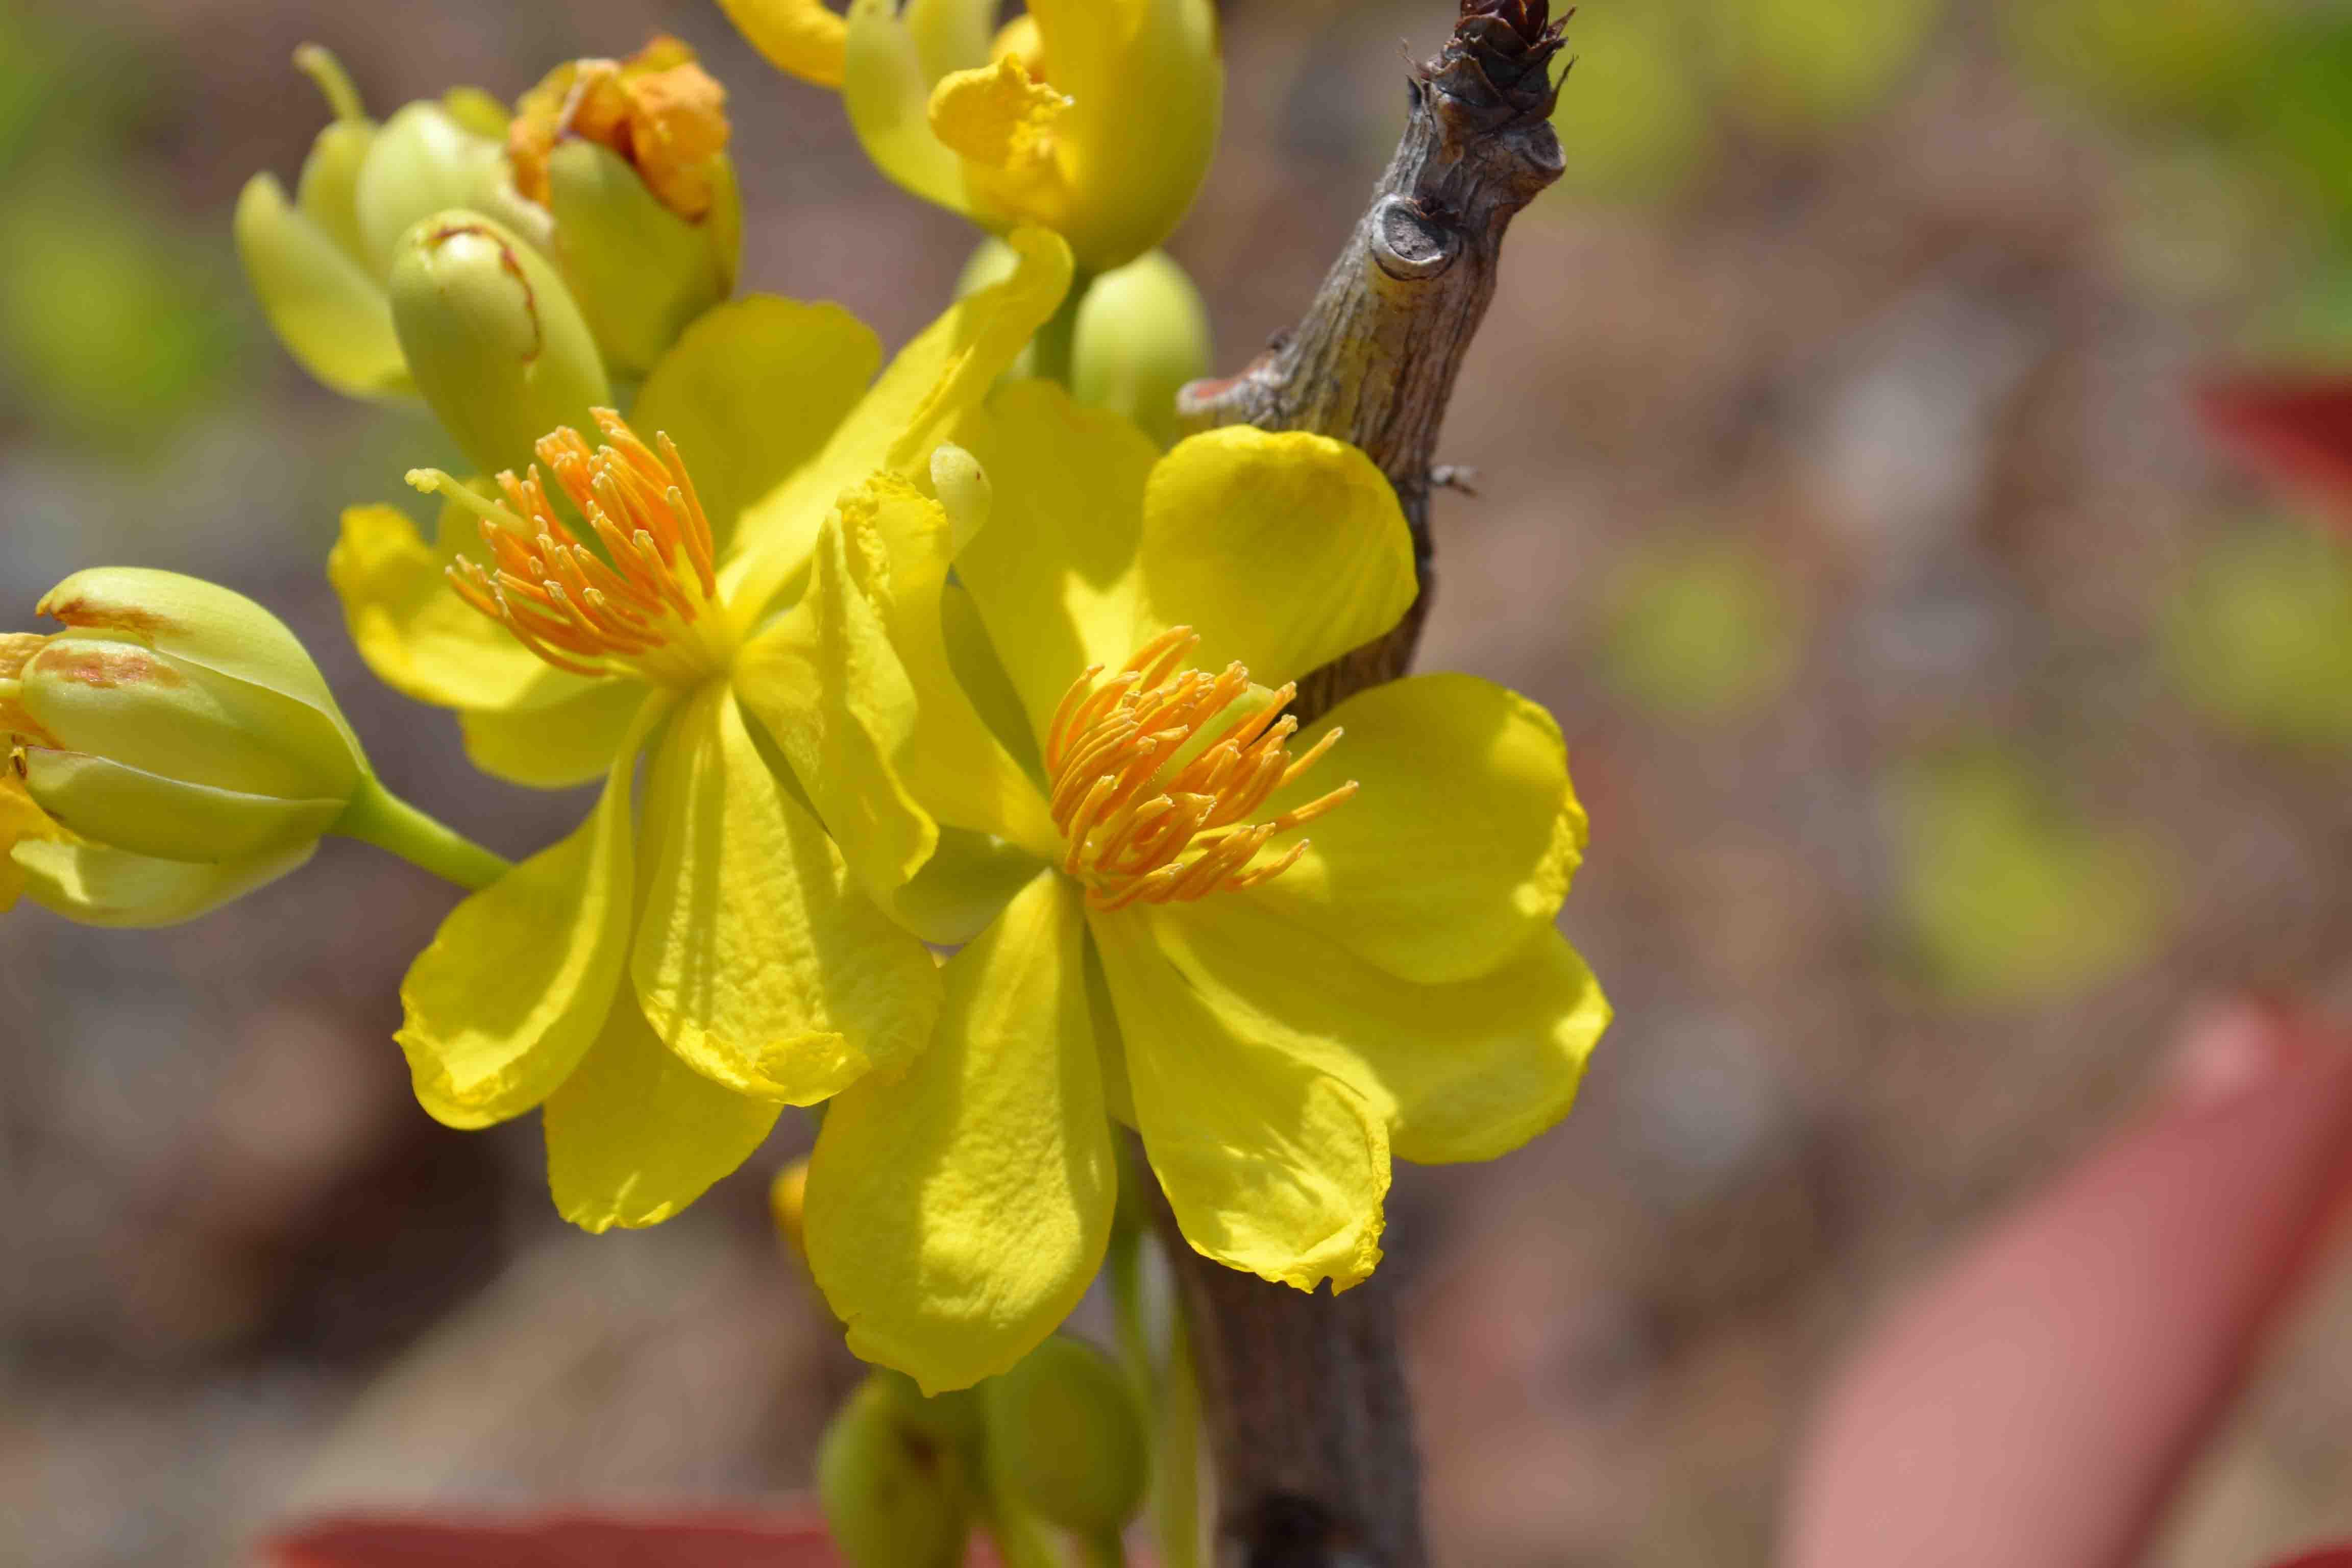 Hình ảnh hoa mai vàng không lá